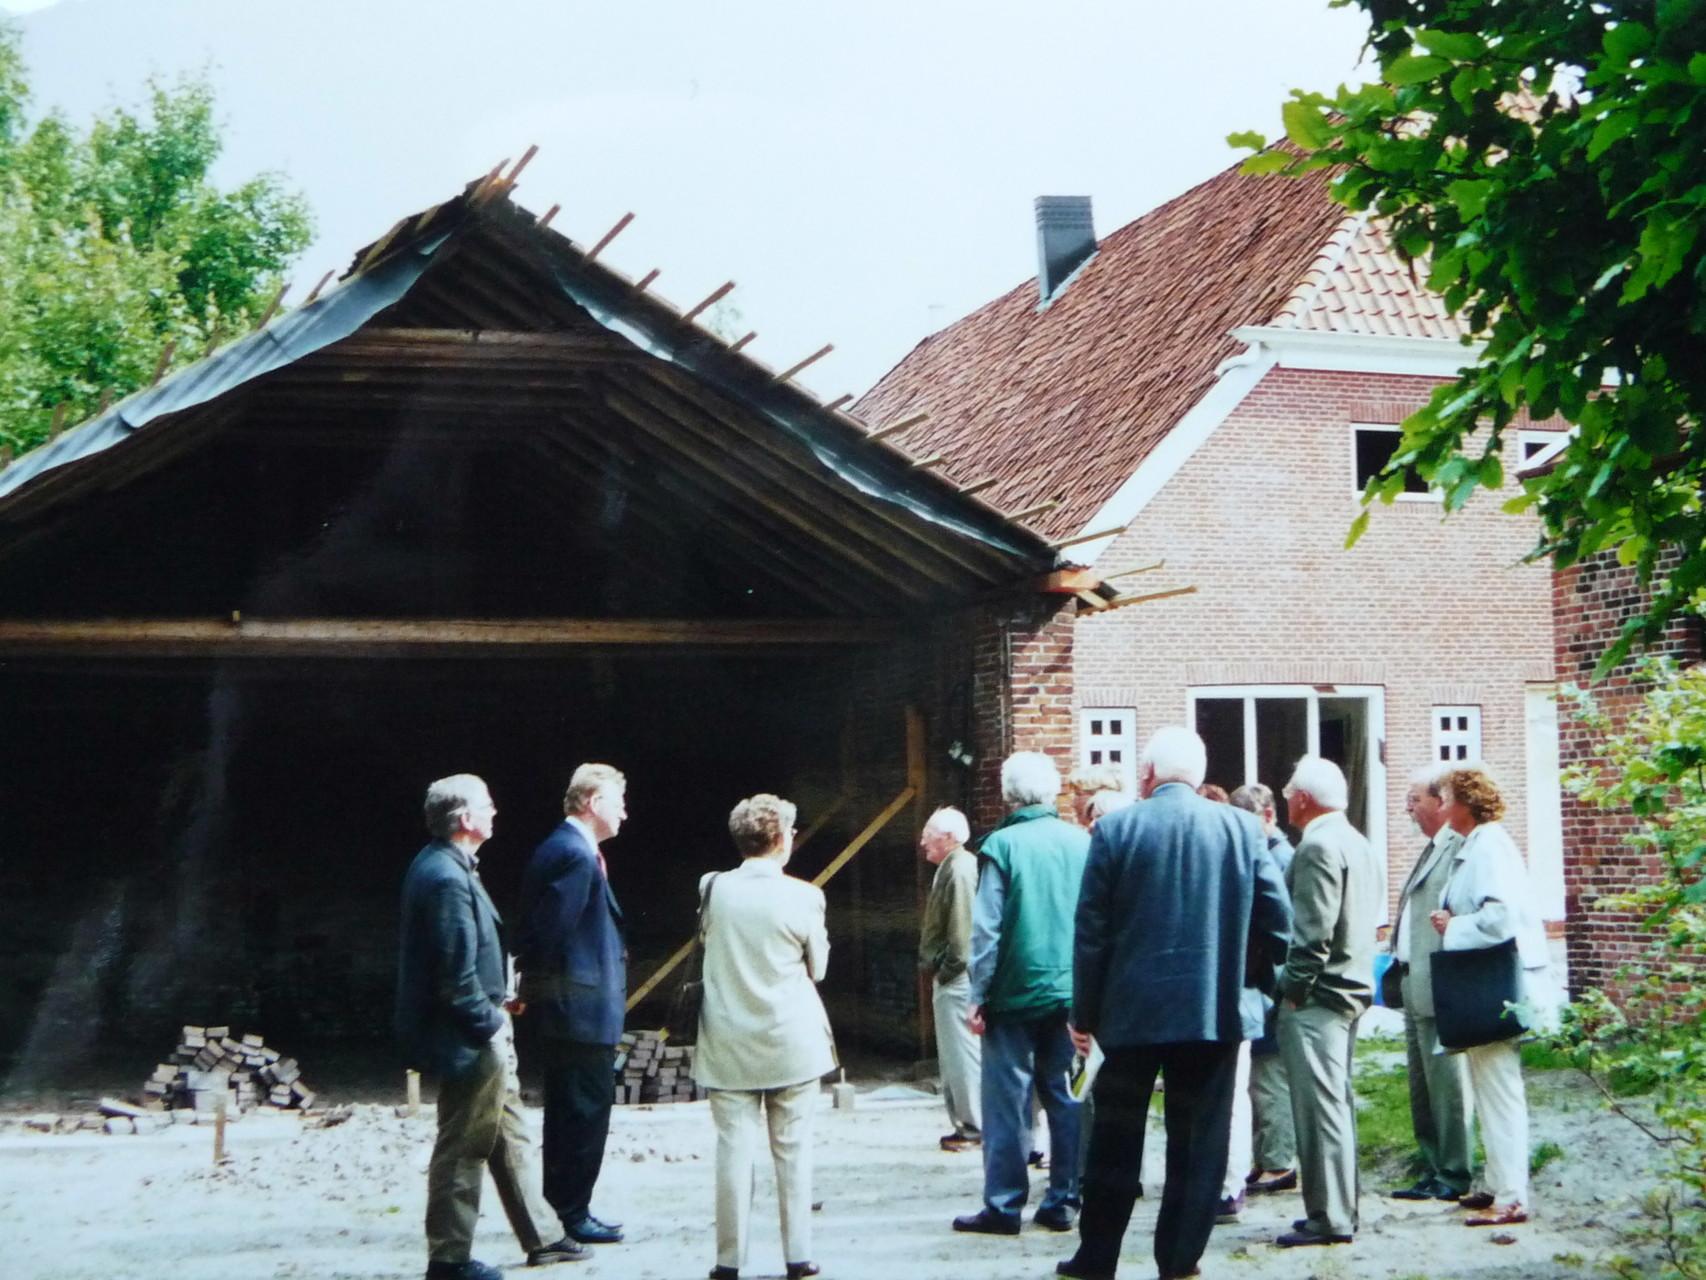 Revovatie koetshuis